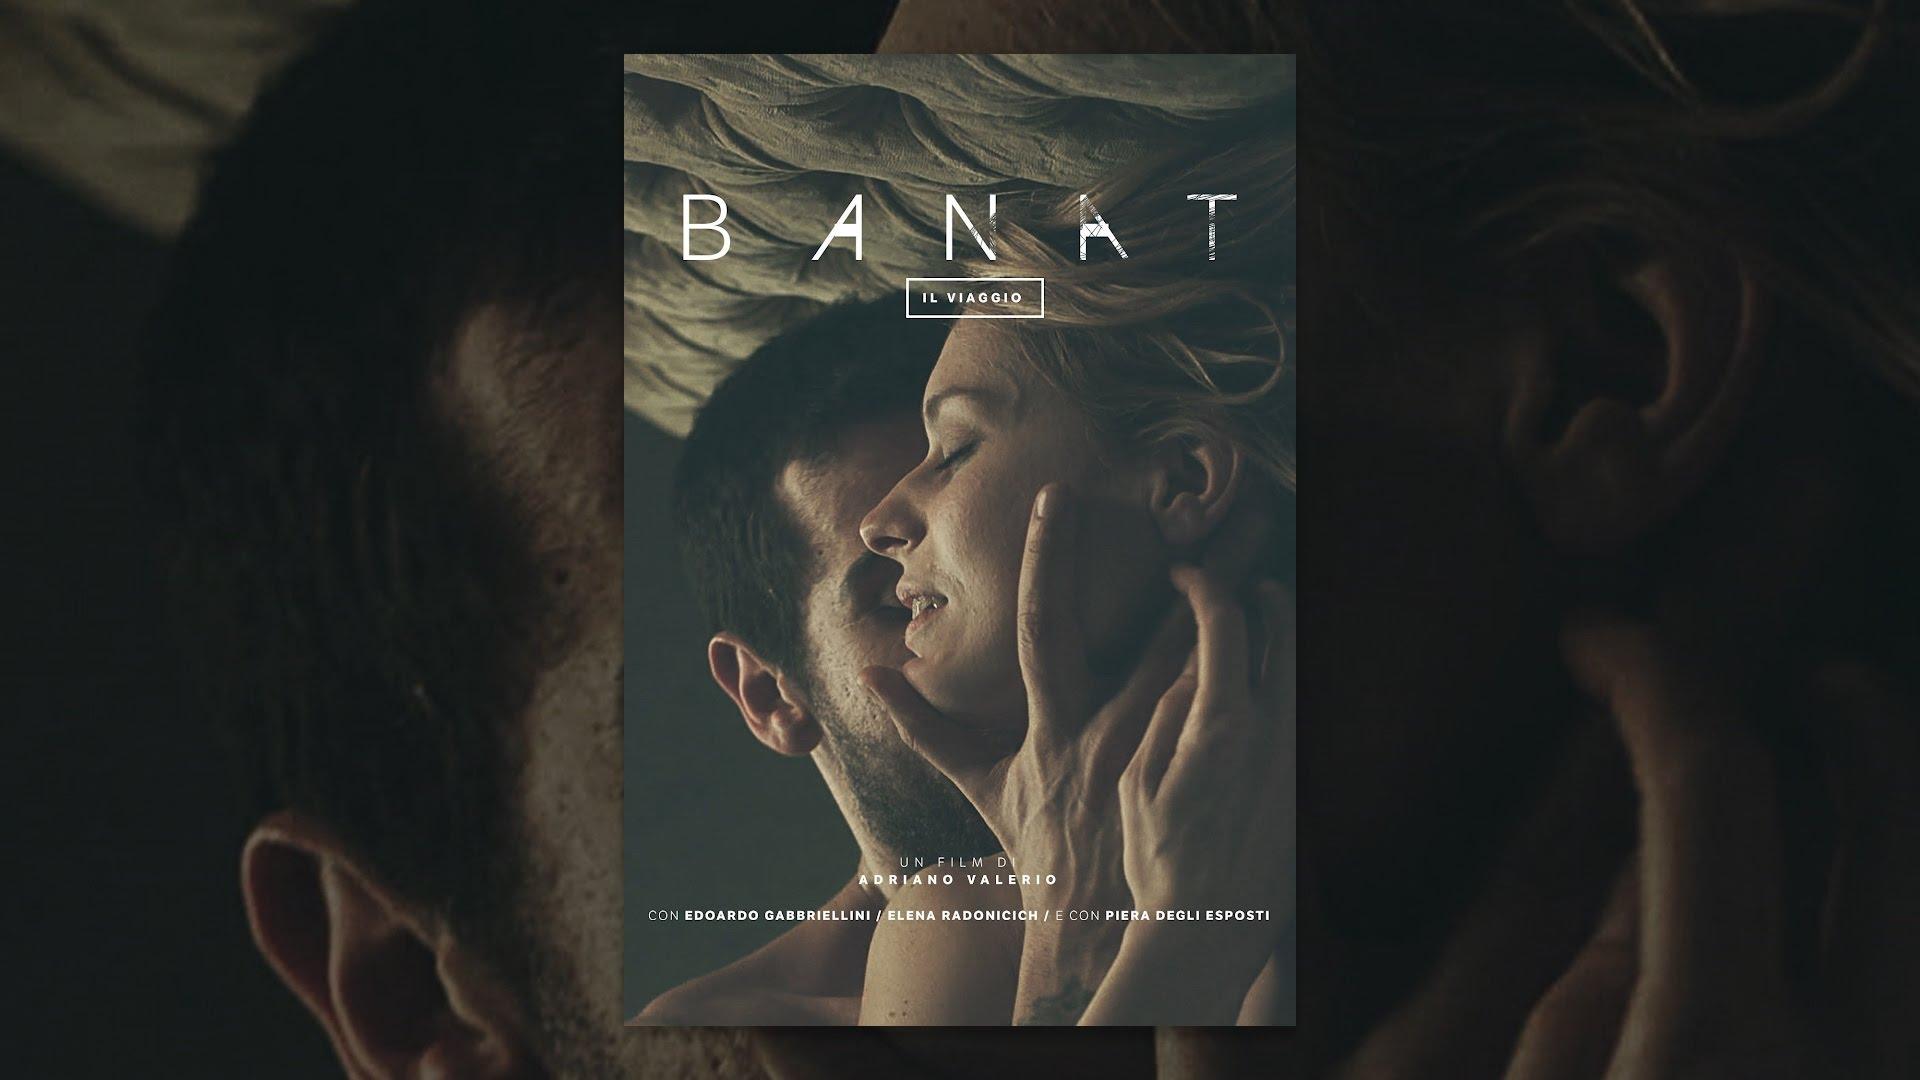 Banat: Il viaggio